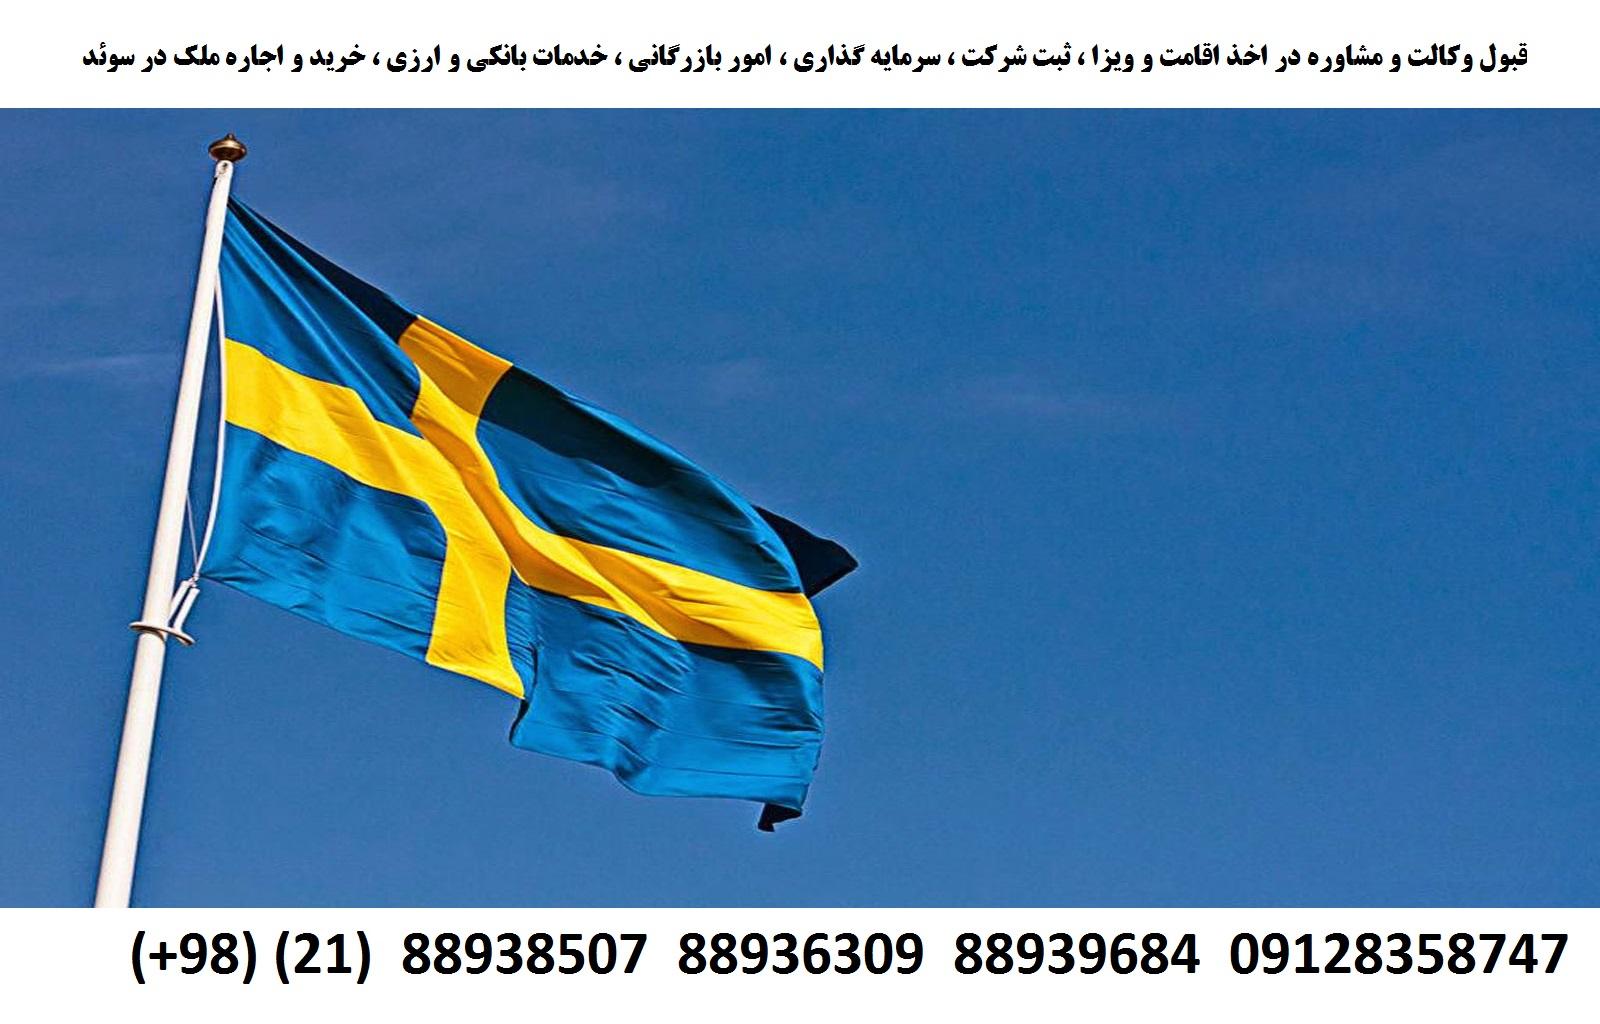 اقامت ، ویزا ، ثبت شرکت ، سرمایه گذاری در کشور سوئد (2)